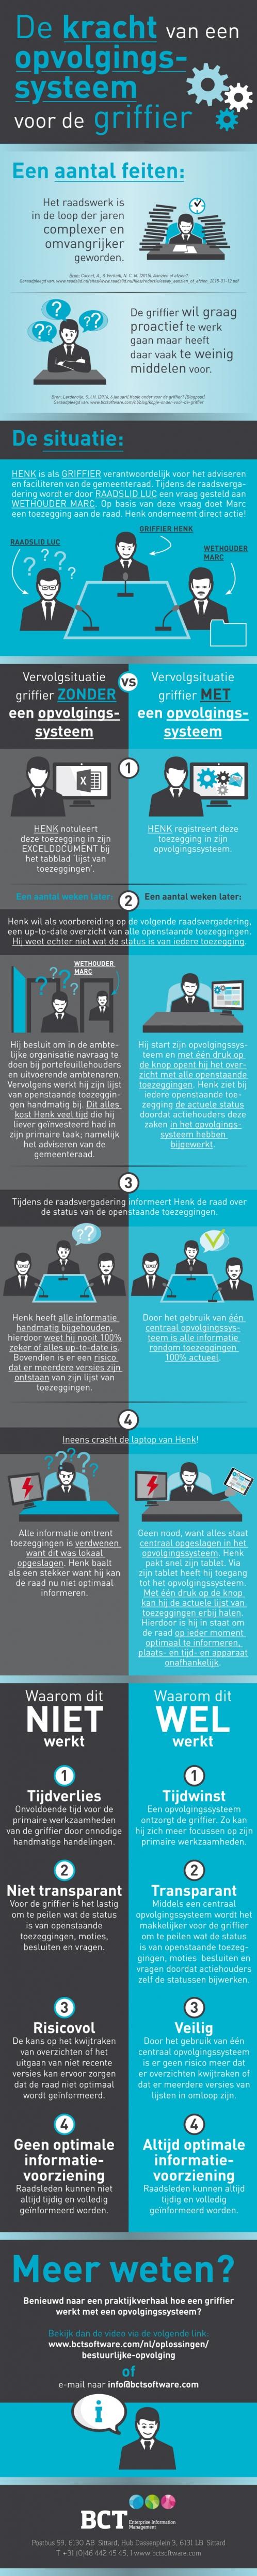 infographic-bestuurlijke-opvolging_1